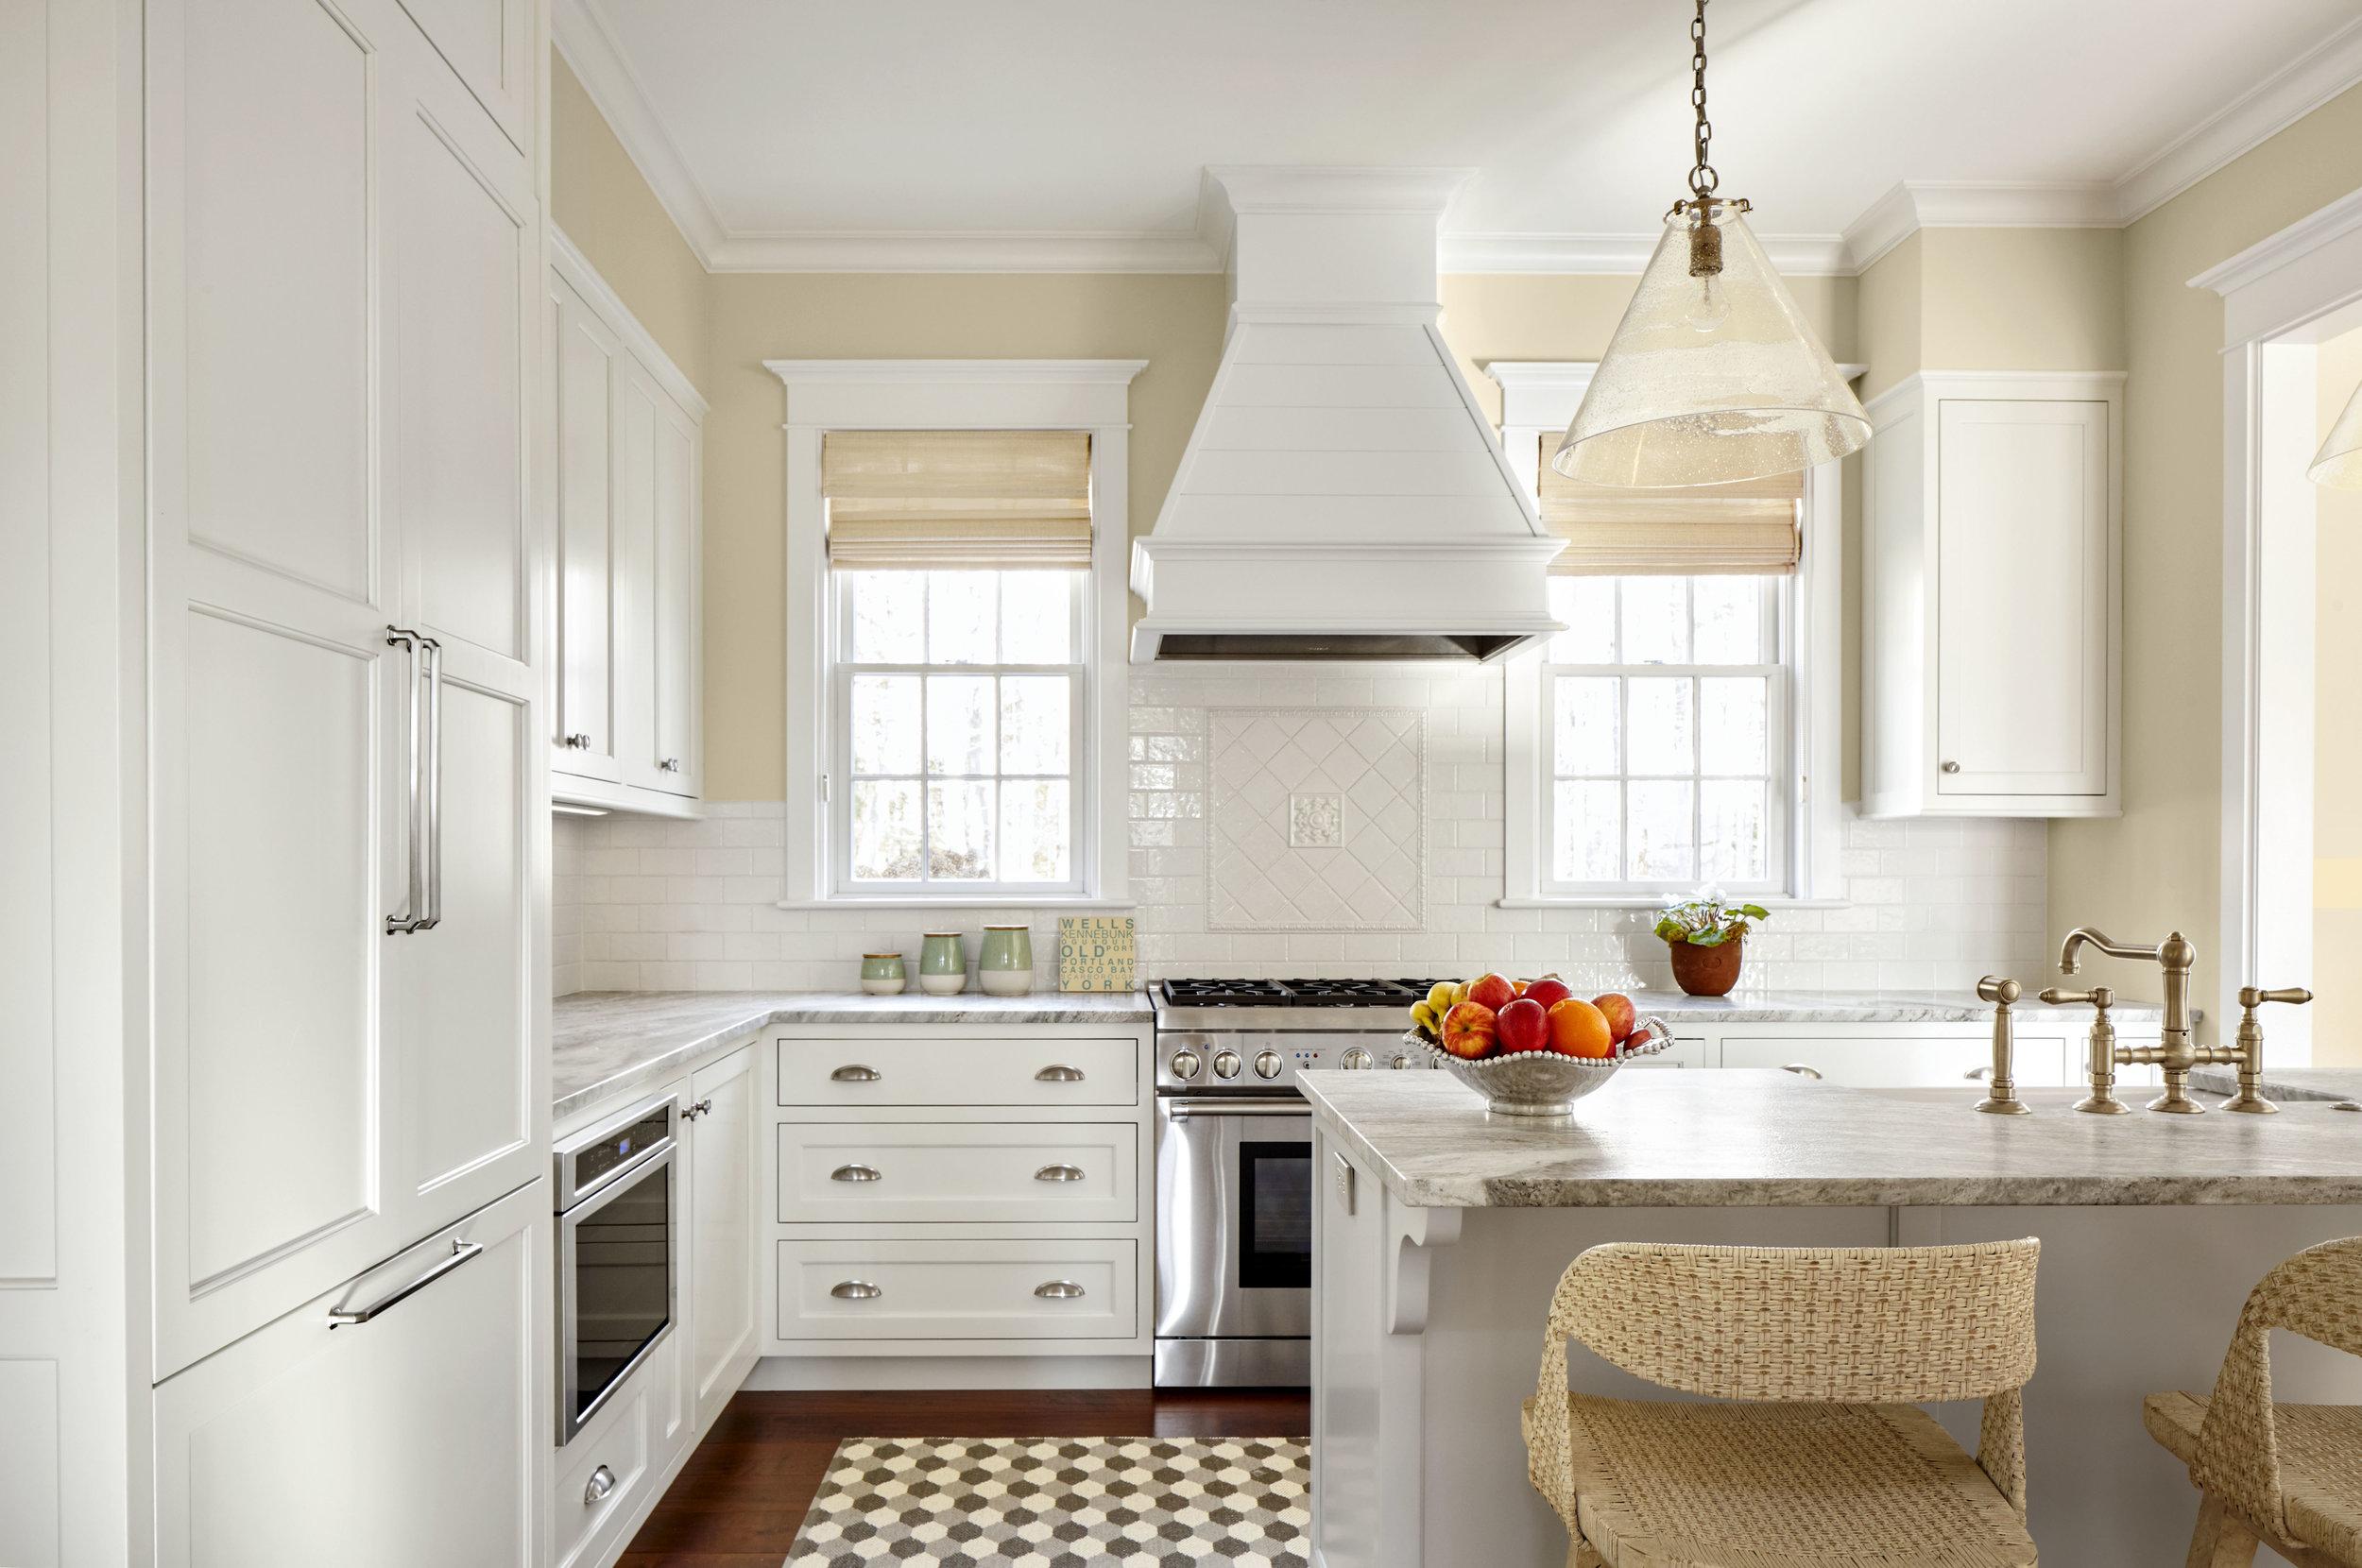 Interior Architectural Photographer Design Kennebunkport Maine © Heidi Kirn 02a.jpg